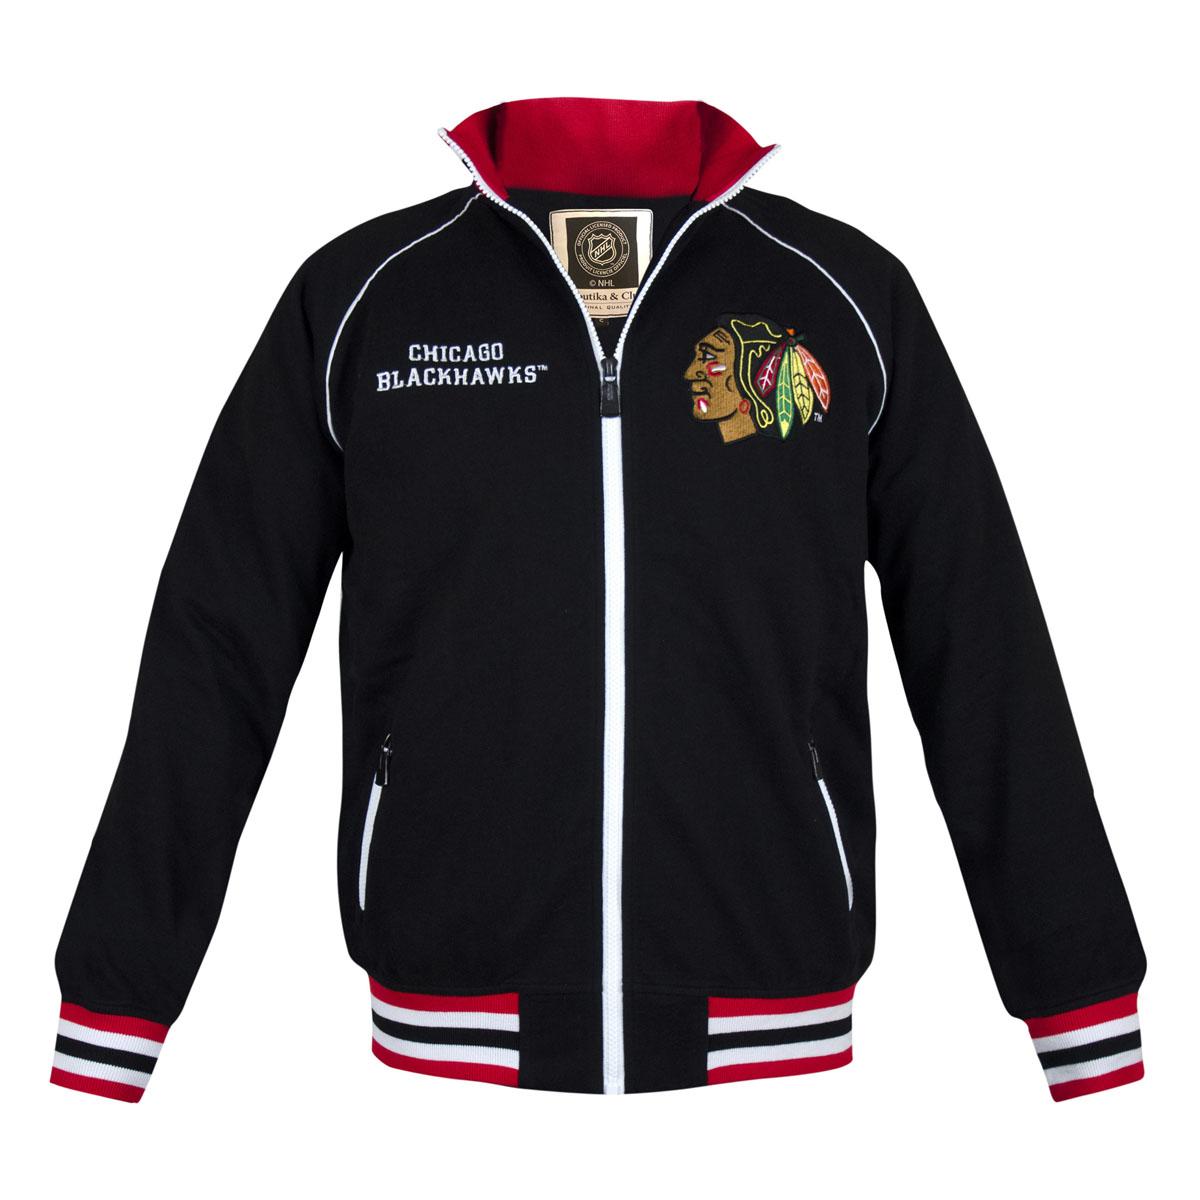 Толстовка с логотипом ХК35570Мужская толстовка NHL Chicago Blackhawks, изготовленная из натурального хлопка, очень мягкая и приятная на ощупь, не сковывает движения, обеспечивая наибольший комфорт. Толстовка с небольшим воротником-стойкой и длинными рукавами-реглан застегивается на молнию по всей длине. Снизу модели предусмотрена широкая мягкая резинка, которая предотвращает проникновение холодного воздуха. Рукава дополнены эластичными манжетами. Воротник, резинка и манжеты выполнены трикотажной резинкой с контрастными полосками. Спереди расположены два прорезных кармана на застежках-молниях. Изделие оформлено вышивкой с названием хоккейного клуба Chicago Blackhawks и аппликацией с его эмблемой. Стильная толстовка подарит вам комфорт и станет отличным дополнением к вашему гардеробу.